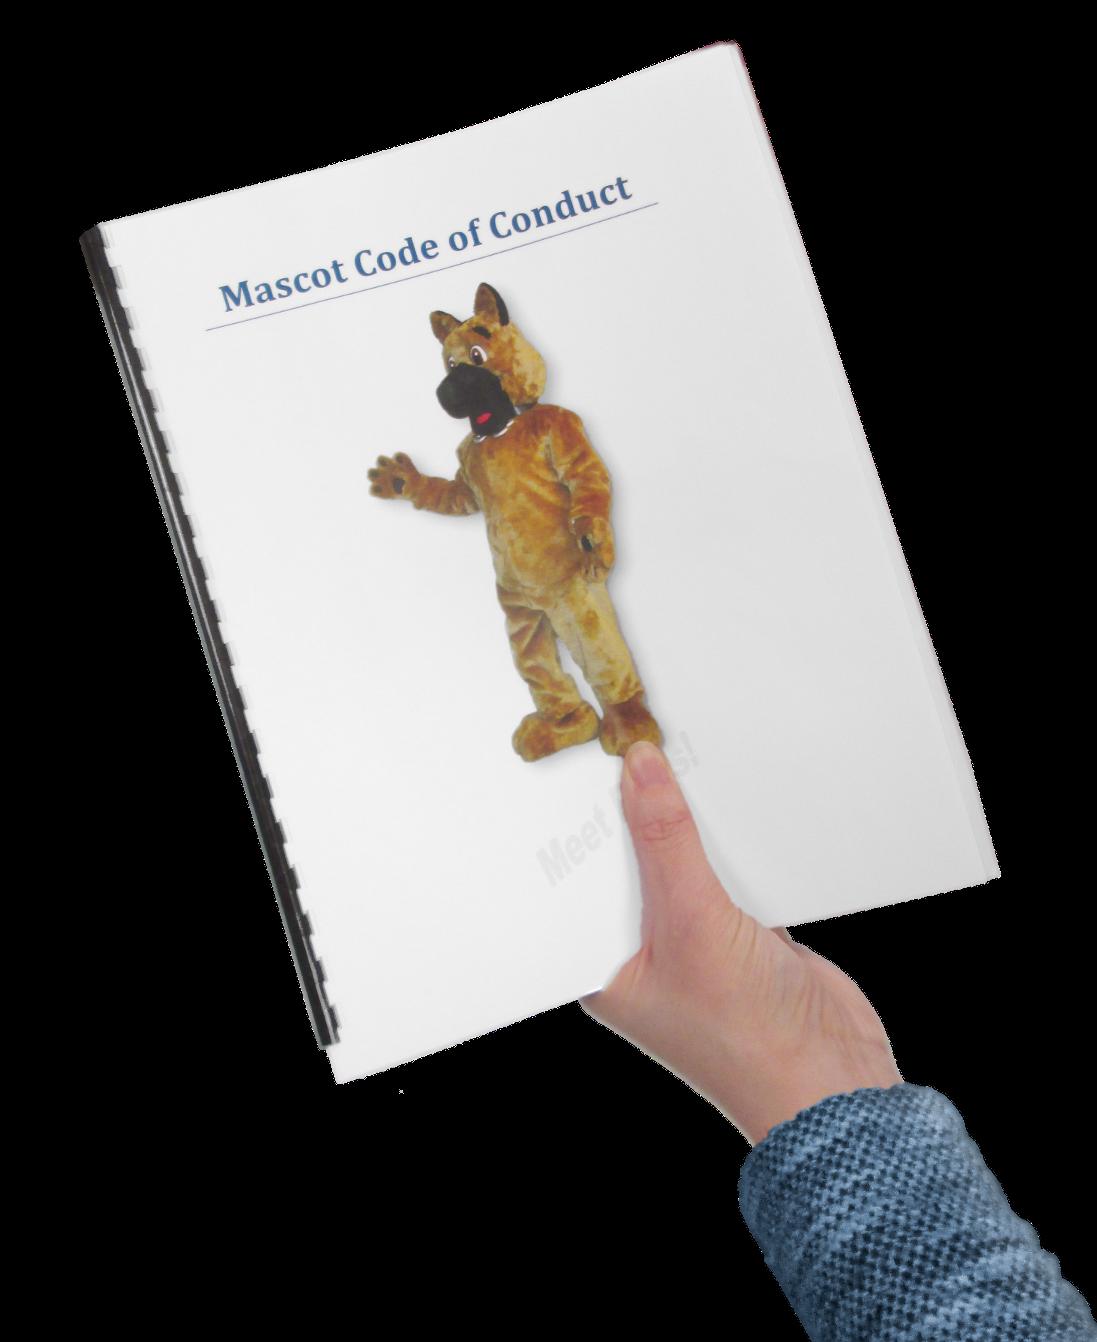 Mascot Code of Conduct